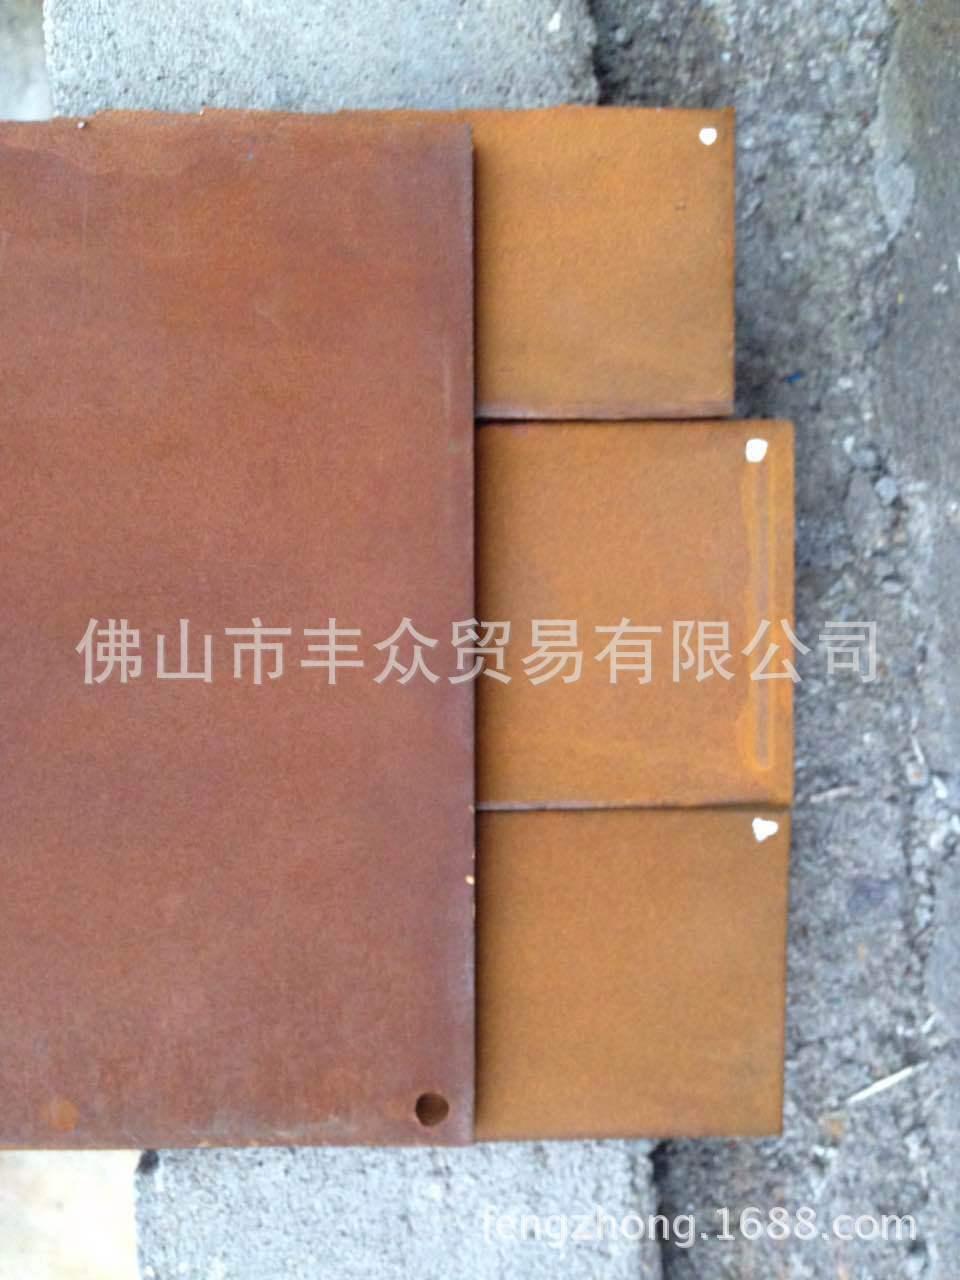 正品发锈耐候钢锈红耐候钢锈处理耐候钢钢板